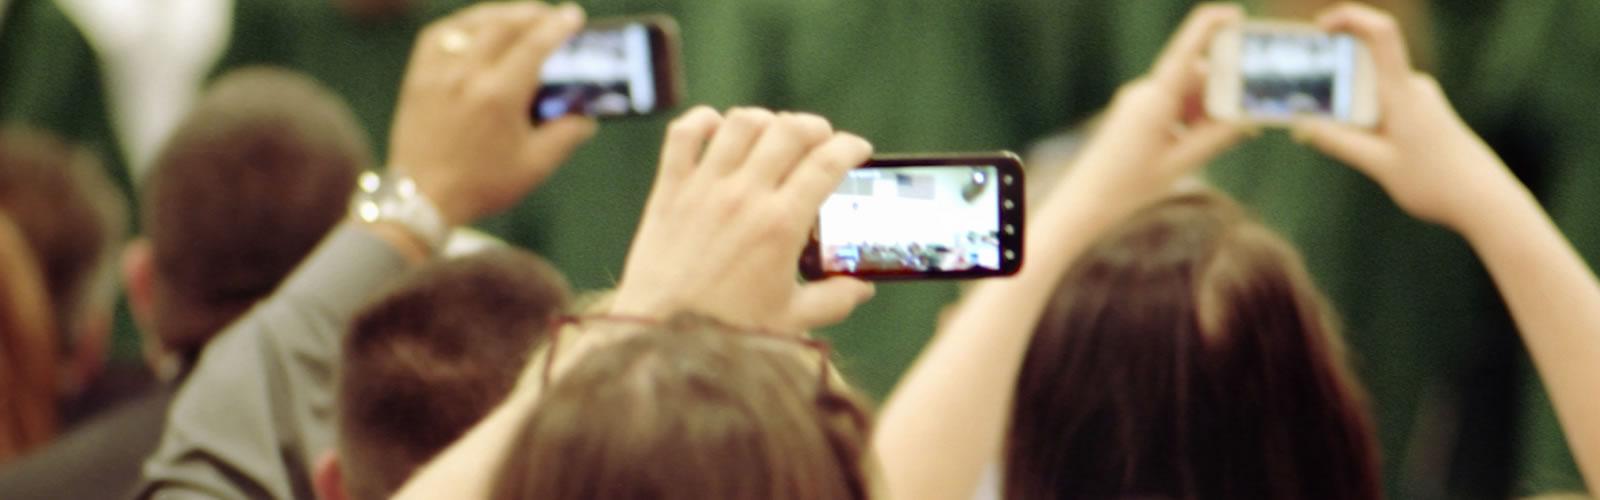 Oltre il mobile: aumentare l'esperienza utente con la tecnologia Wearable